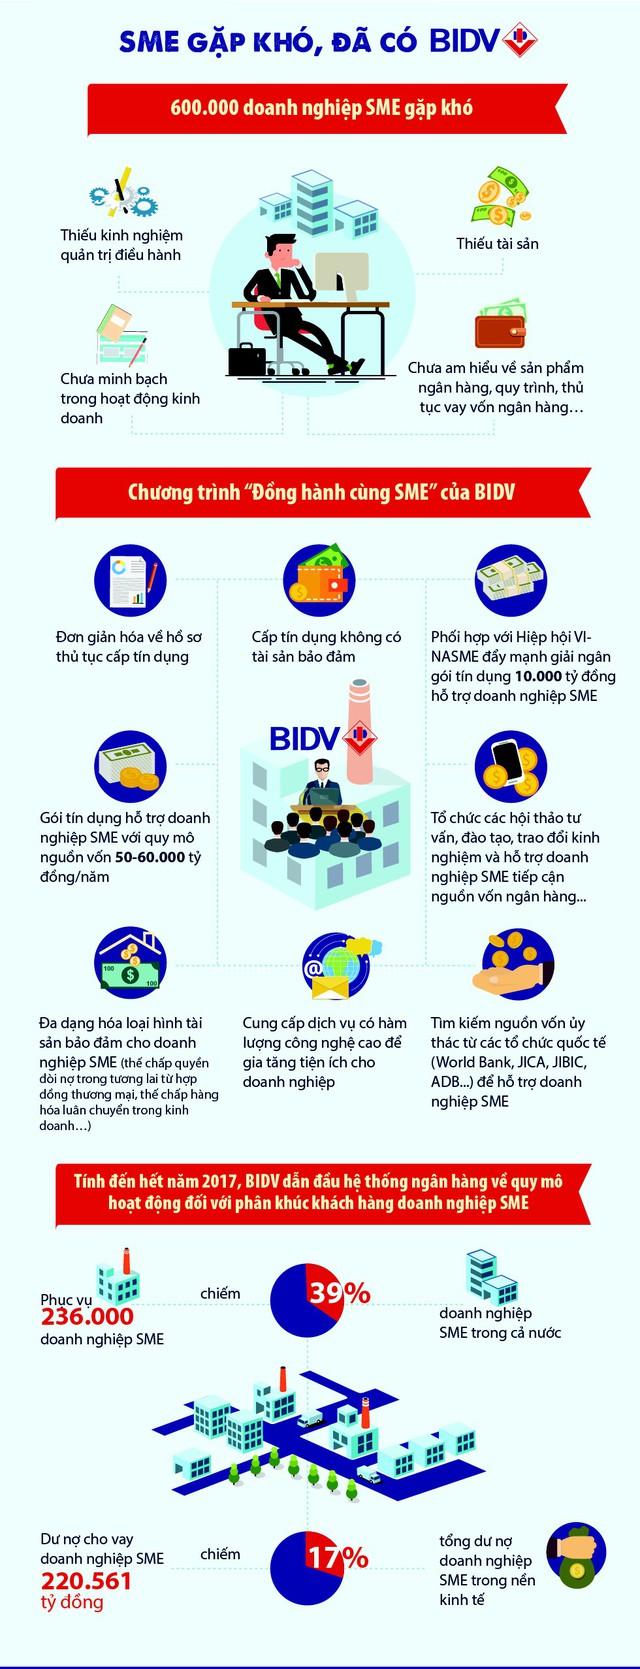 BIDV đồng hành cùng doanh nghiệp SME - Ảnh 1.